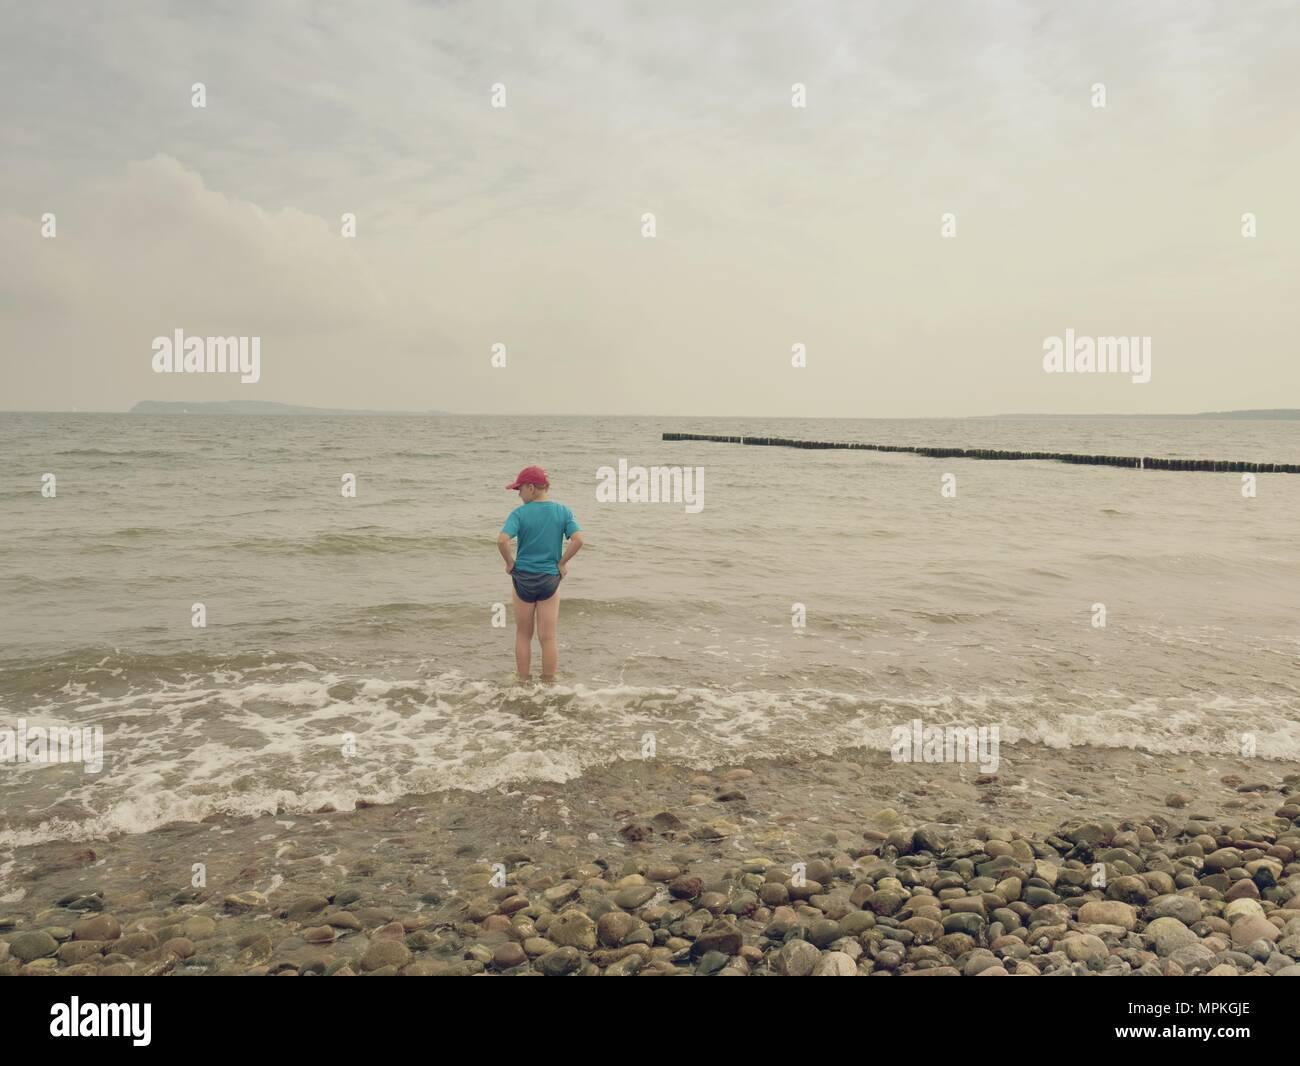 Junge in Blau Schwarz sportliche Kleidung Aufenthalt in kalten schäumende Meer. Blonde Haare Kind in Wellen am steinigen Strand. Windigen Tag, bewölkt blauer Himmel auf Marine Stockbild